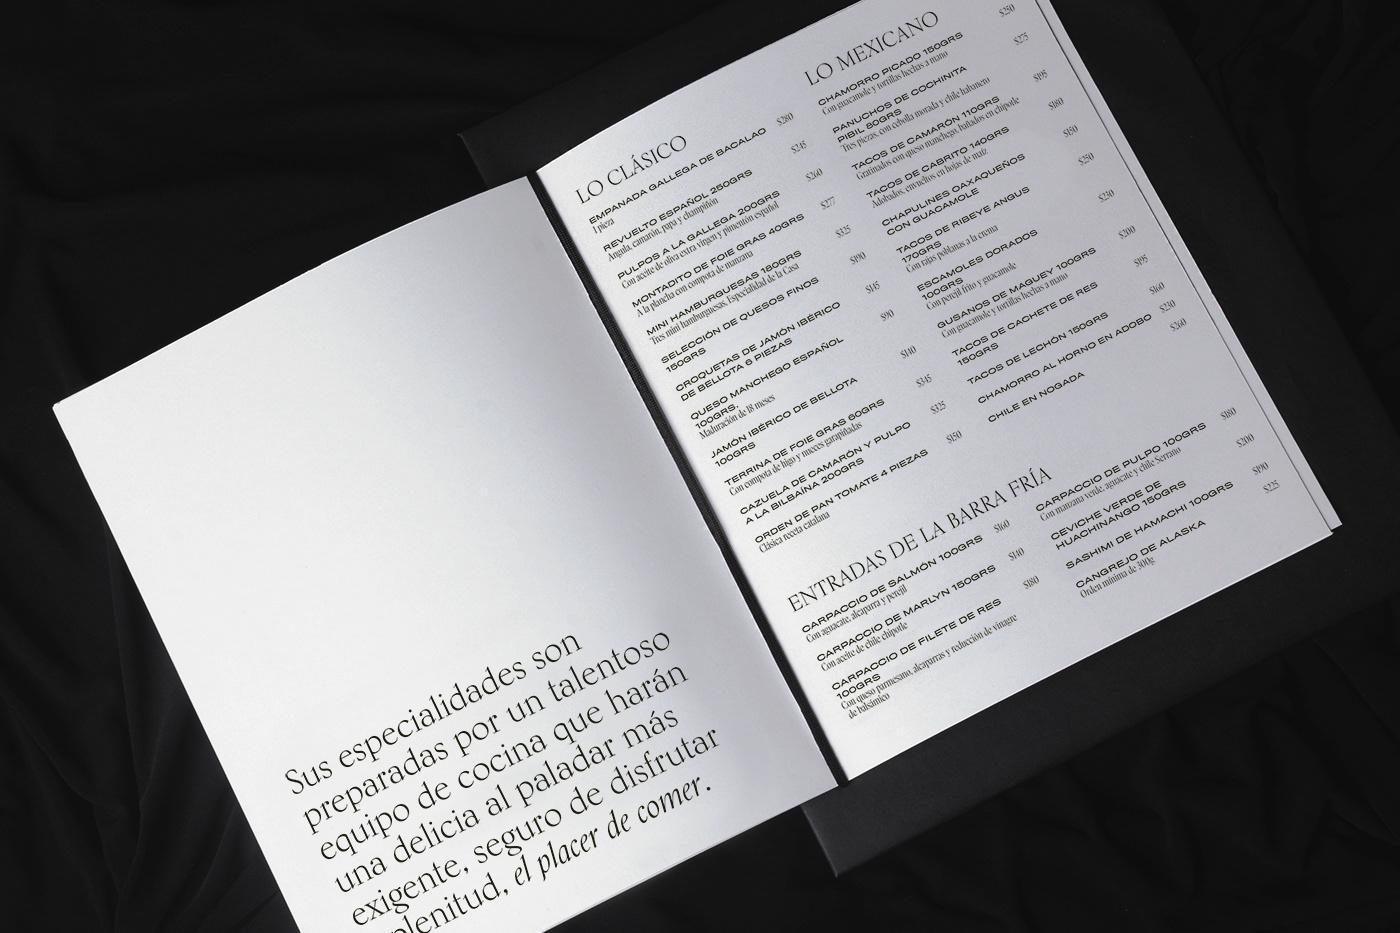 contemporary cuisine Culinary elegante menu mexico Nancy restaurant restaurante wine